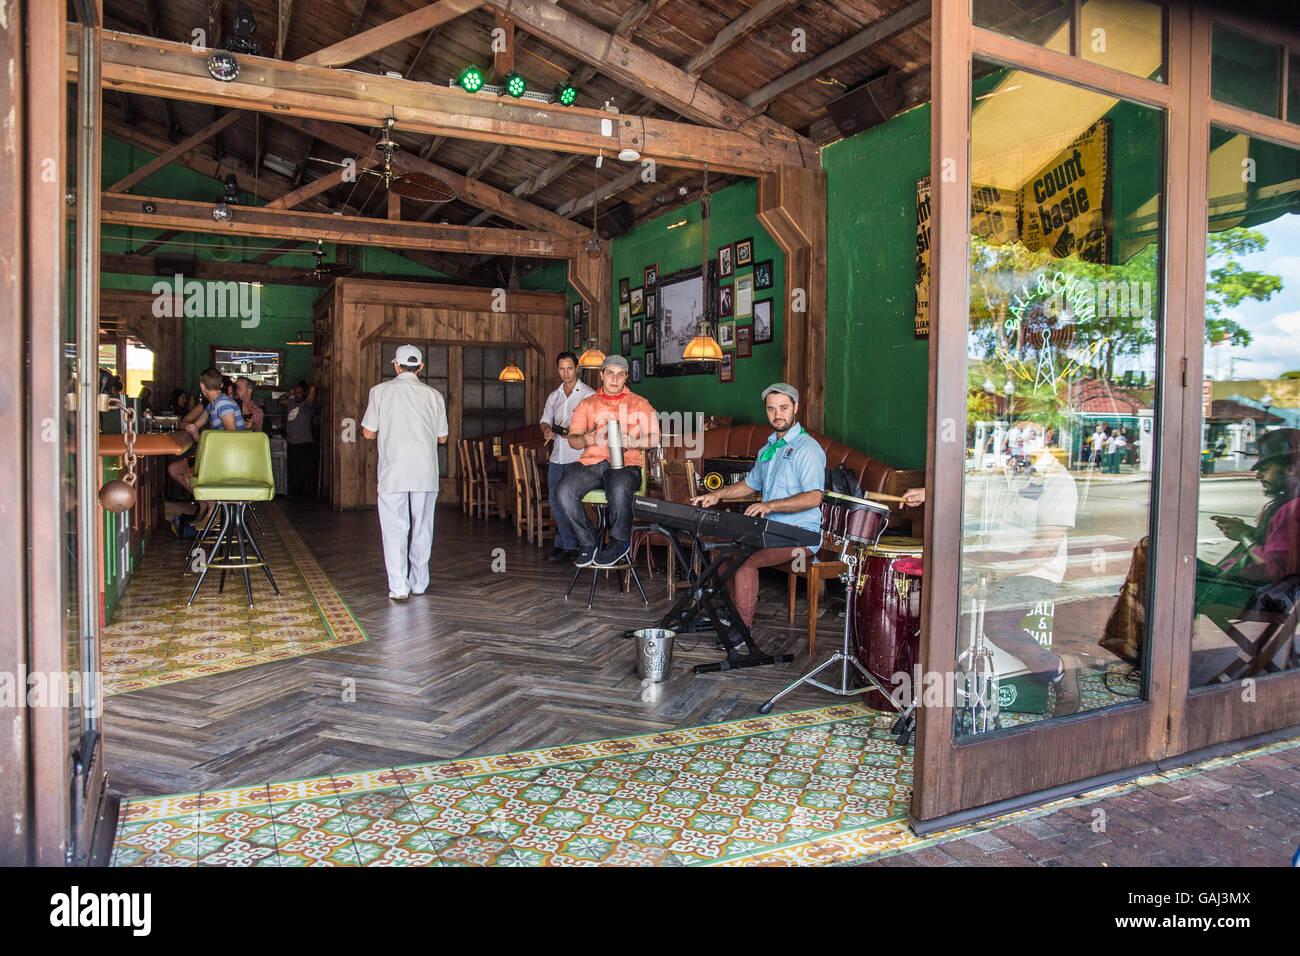 Offene bar Bürgersteig Szene in Little Havana Stadtteil von Miami Florida mit kubanischen Musikern Musizieren Stockbild